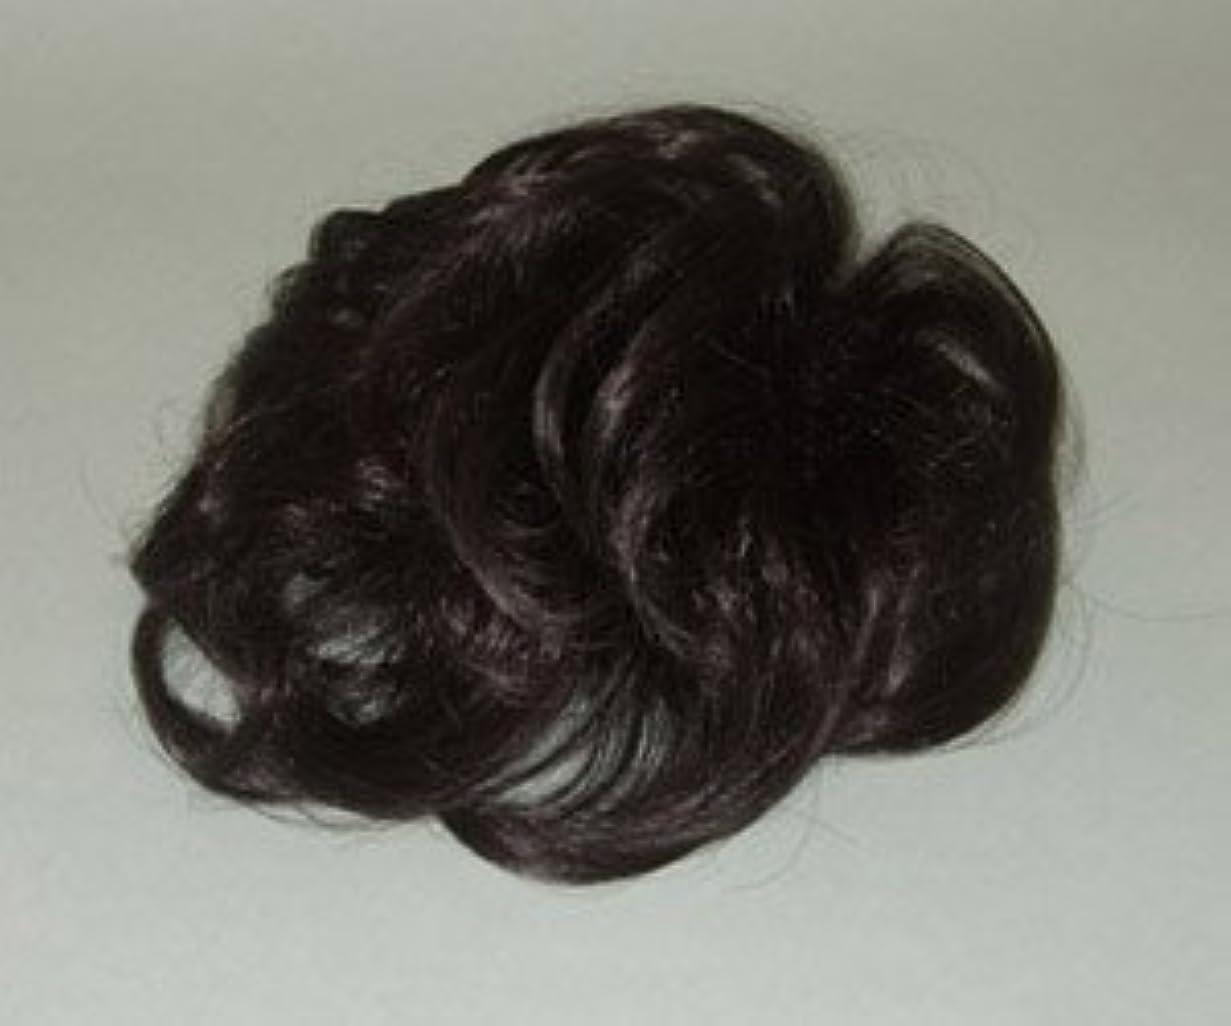 独立してアラバマ漏れ富士パックス販売 ボンヘアー BON HAIR (ボリュームアップタイプ) ブラウン